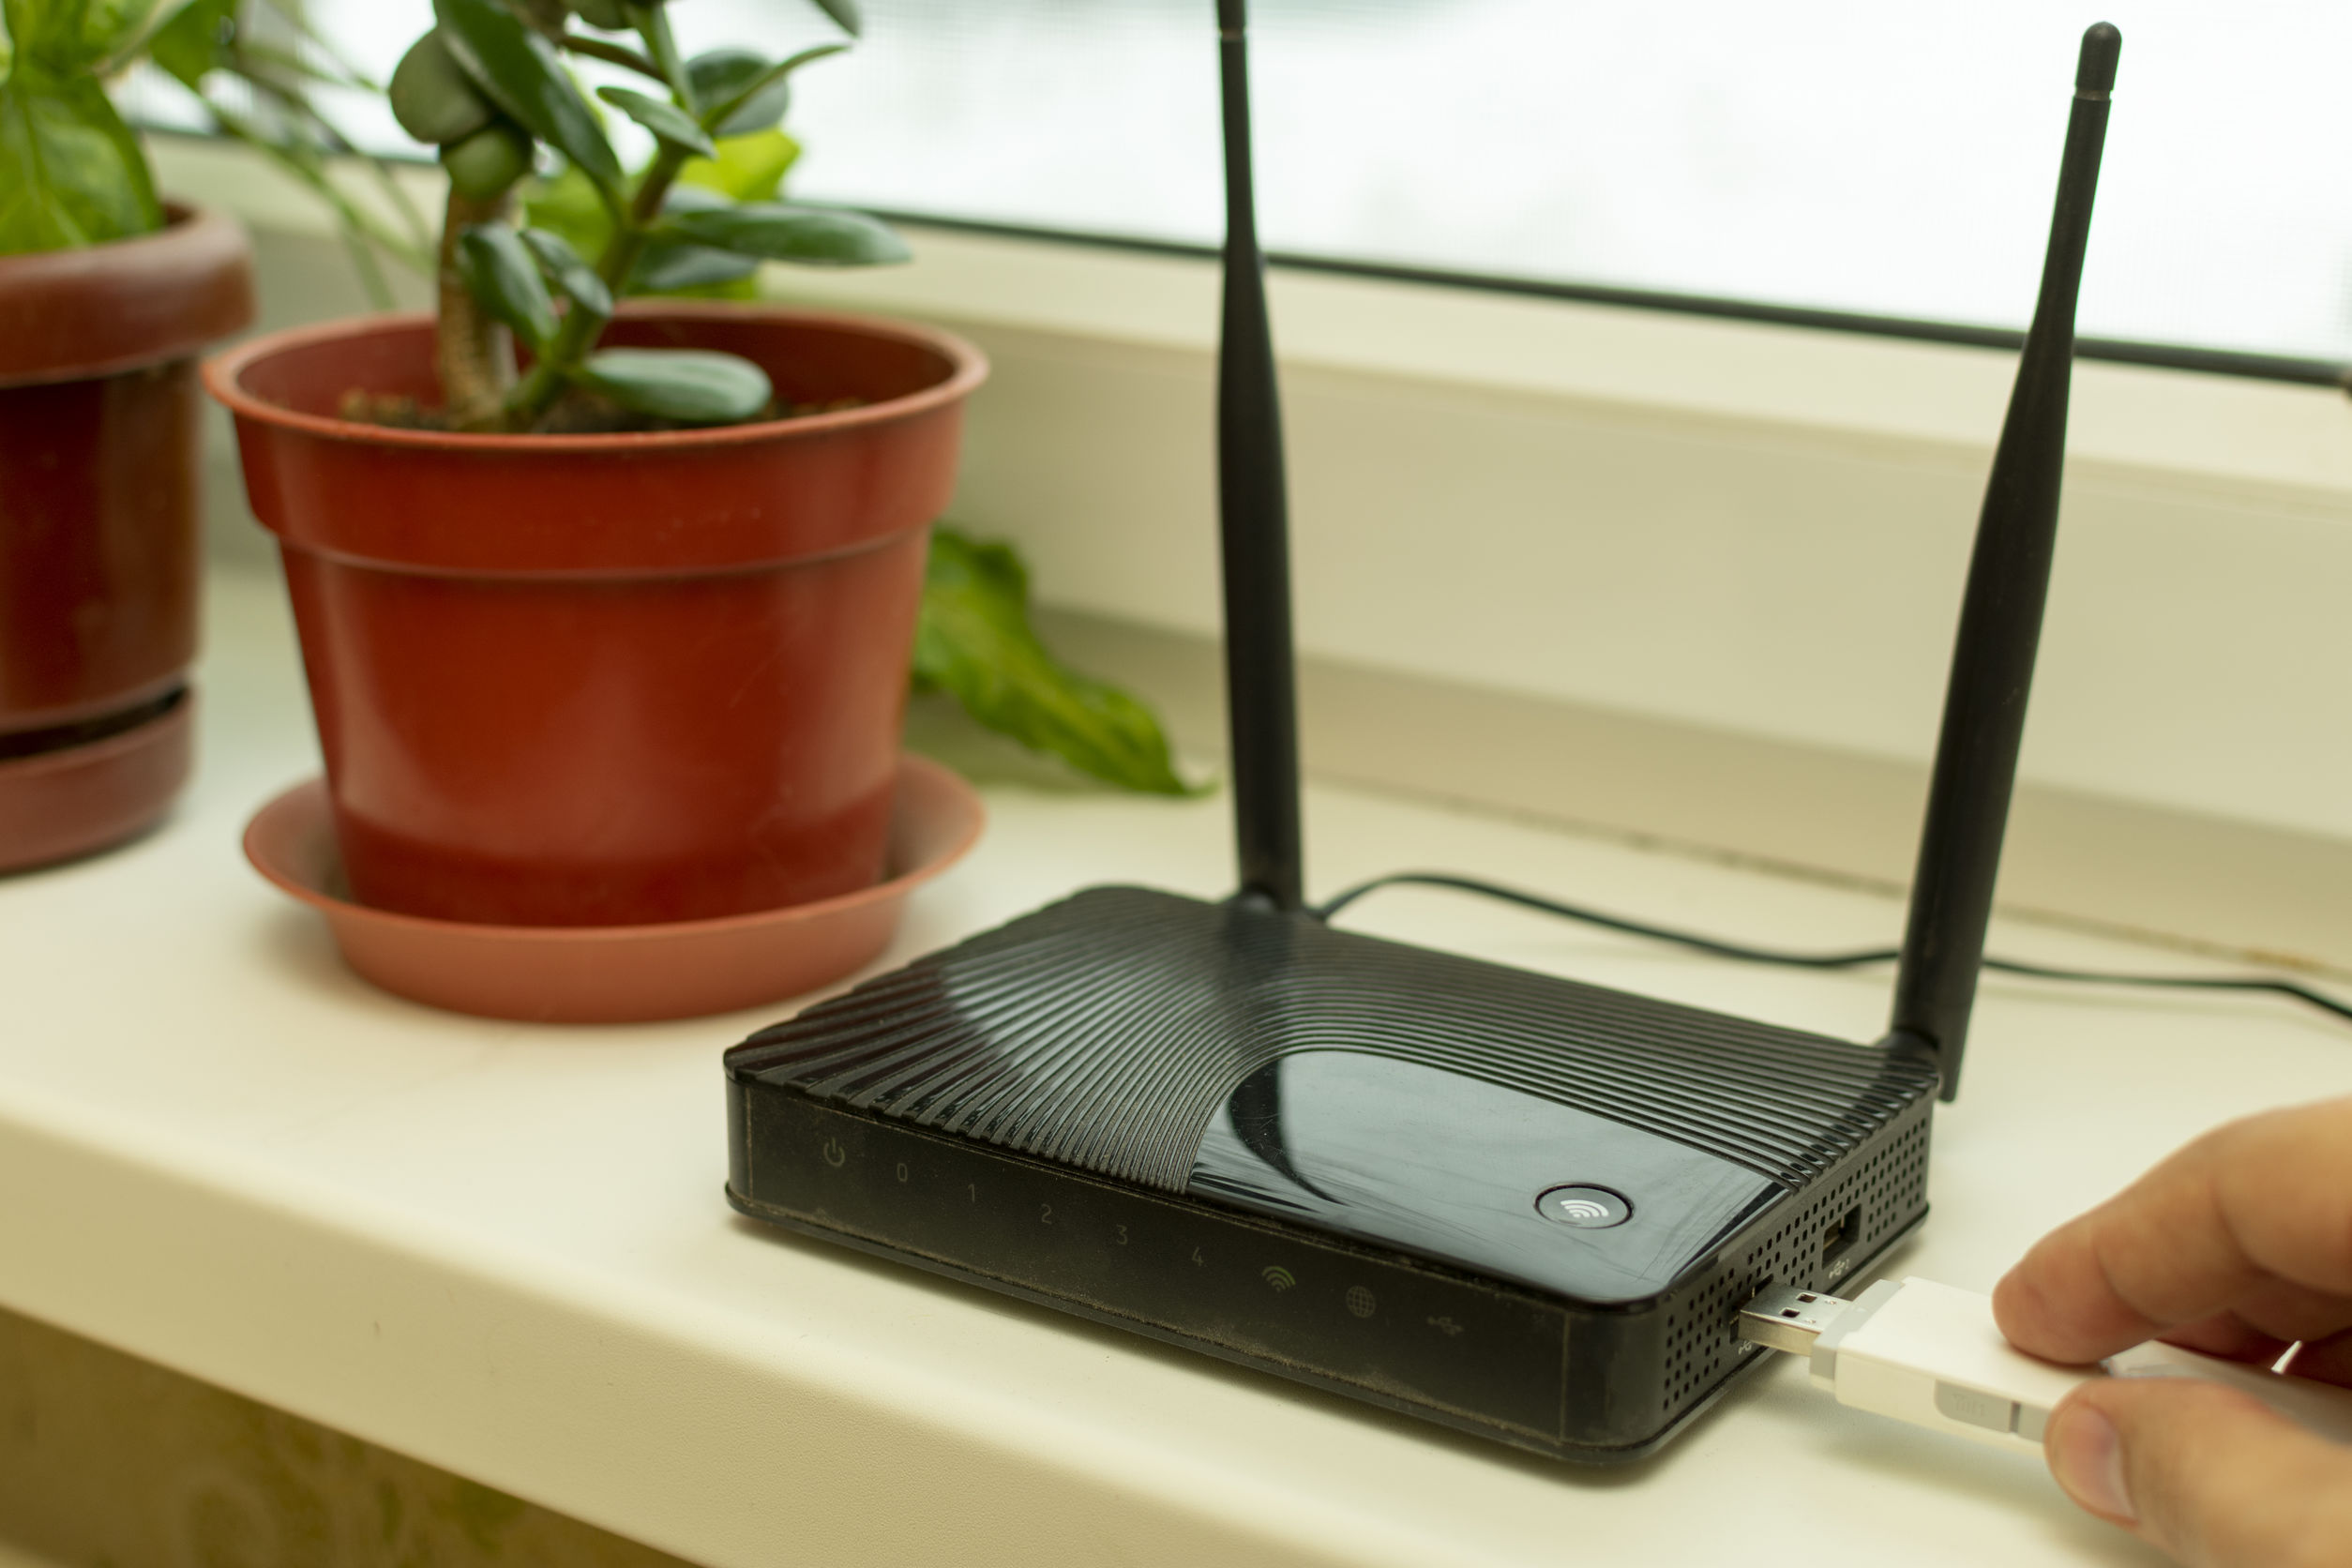 mobiler Wlan Router